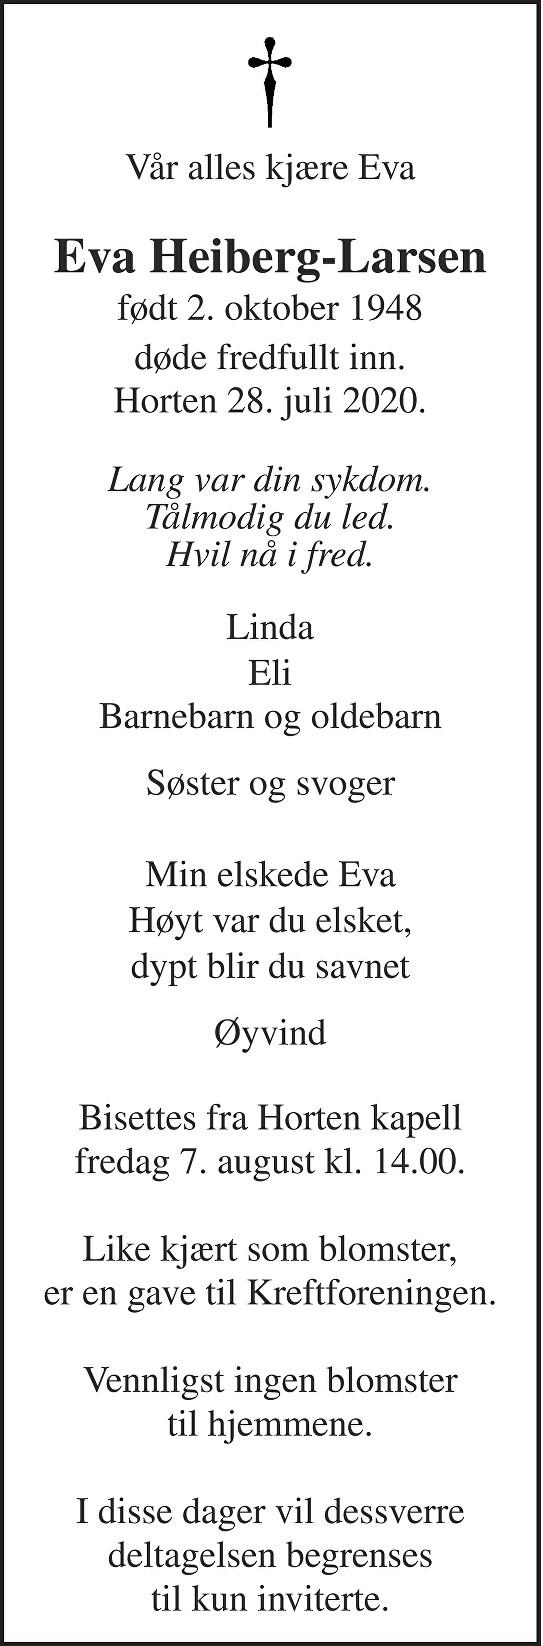 Eva Heiberg-Larsen Dødsannonse